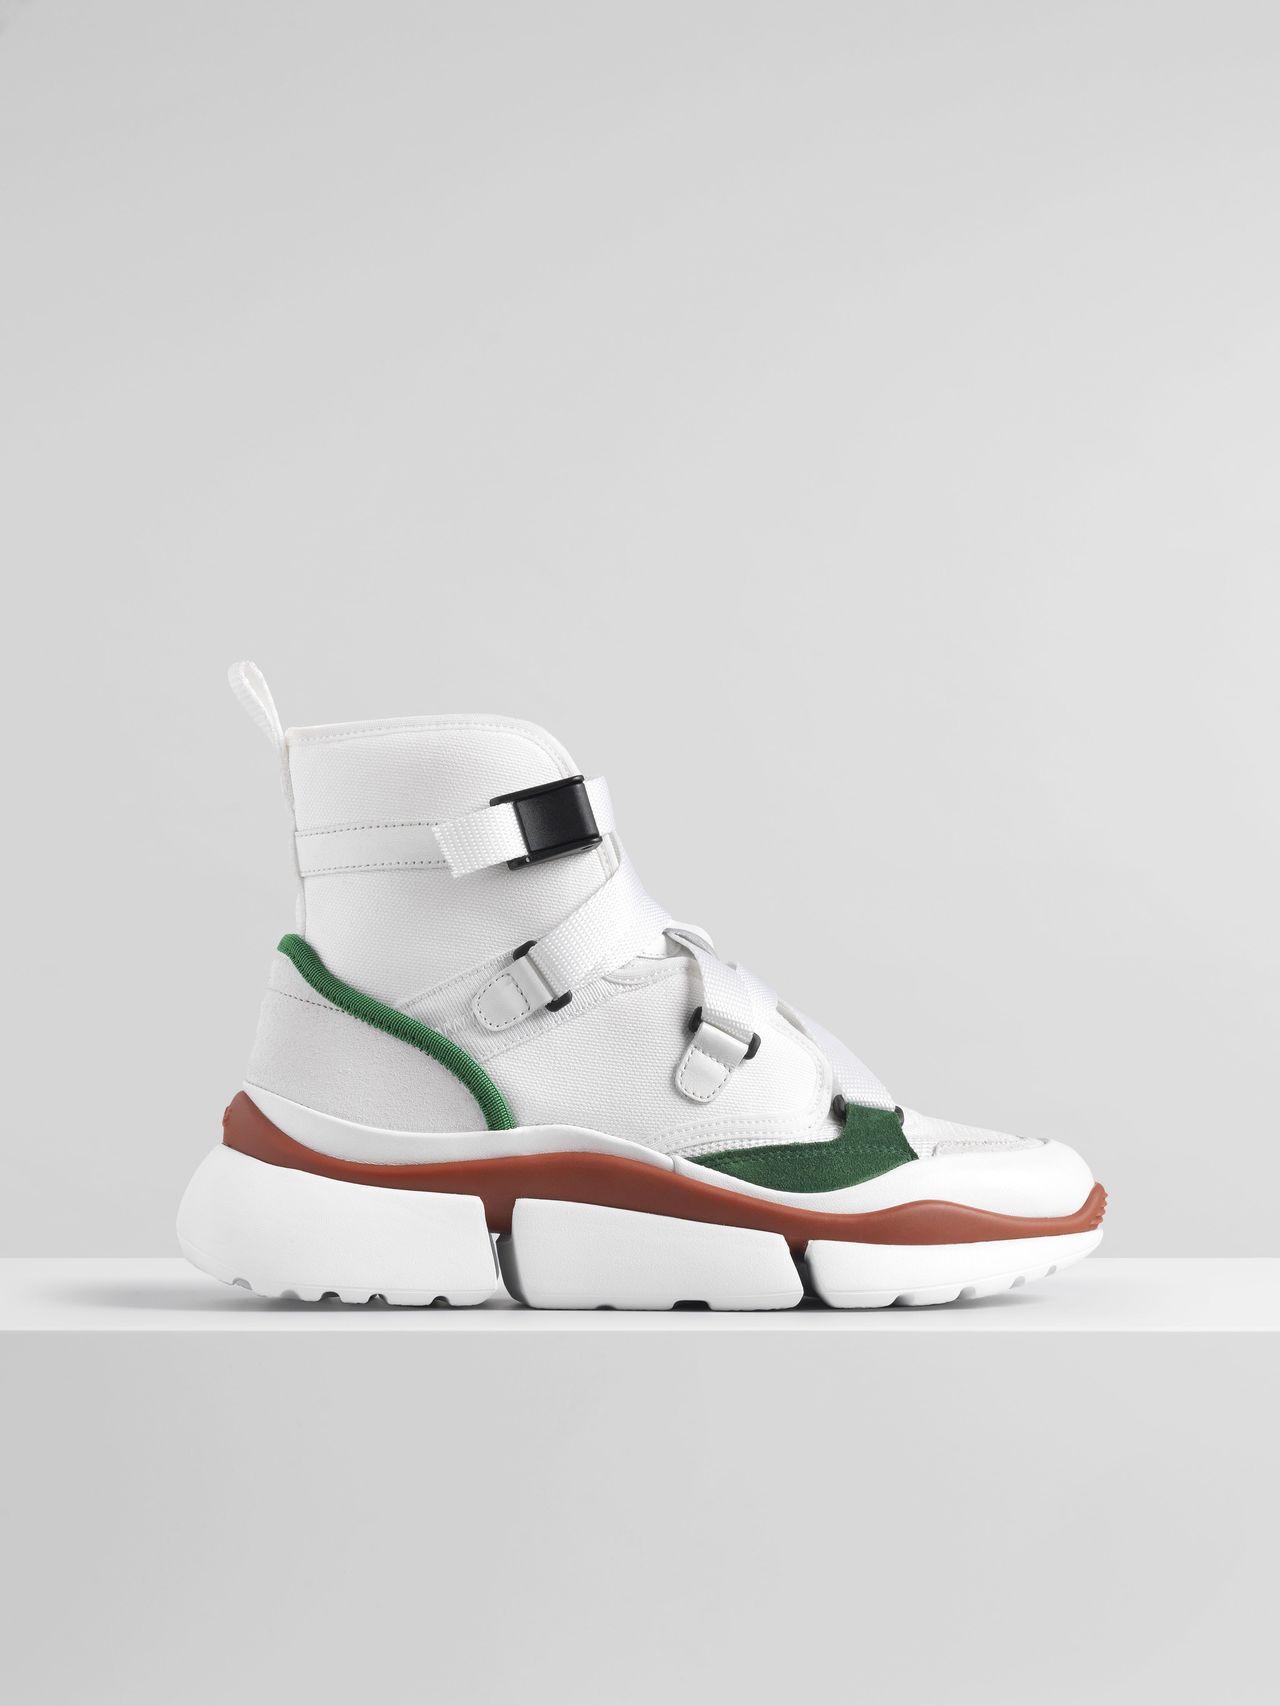 經典款Sonnie白底綠邊高筒老爹鞋,售價25,100元。圖/Chloé提供